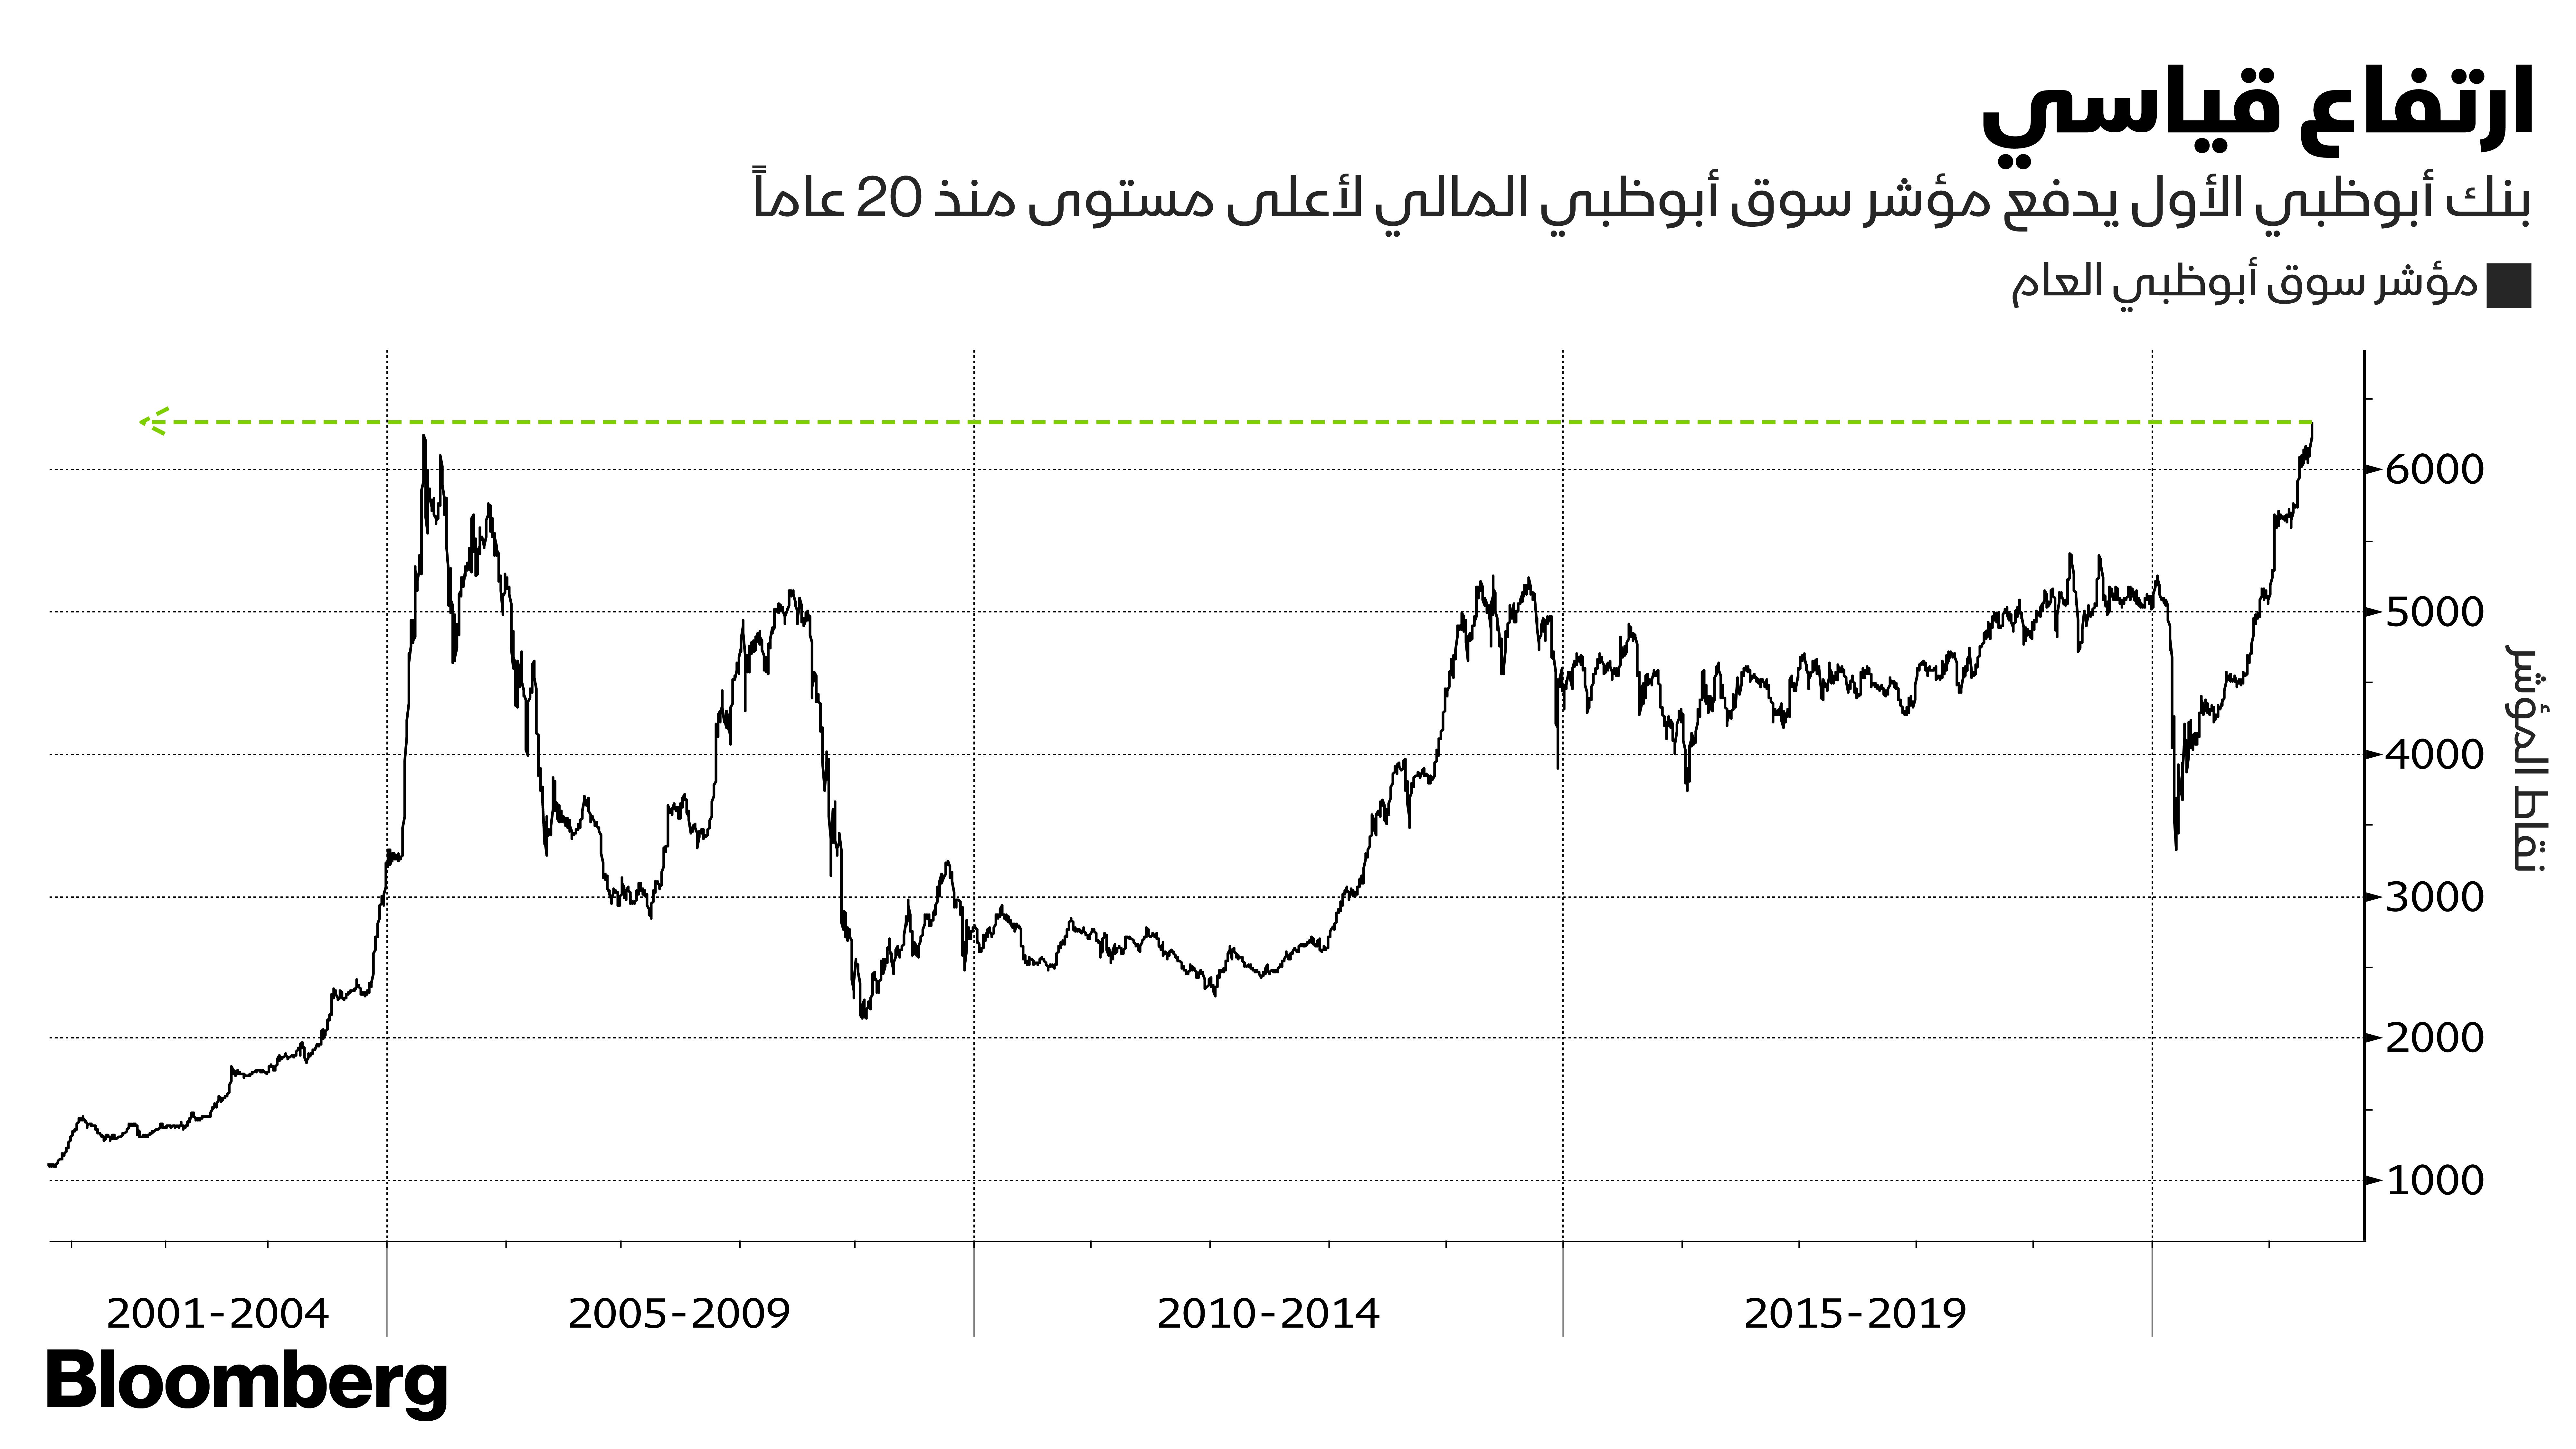 تطور مؤشر بوصة أبوظبي